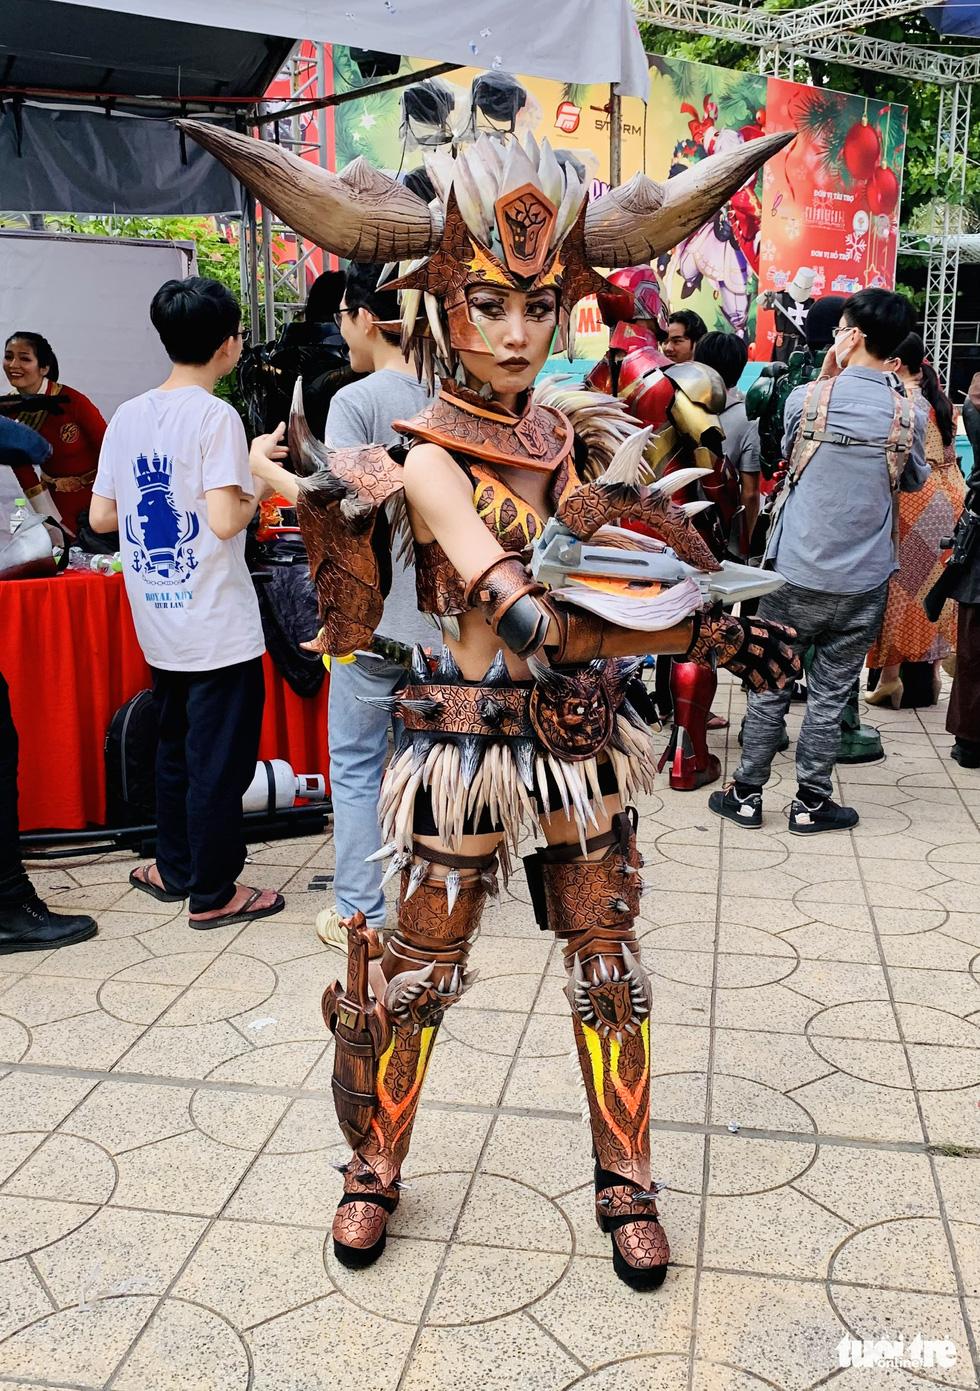 Thi cosplay: Siêu anh hùng bước ra đời thực - Ảnh 4.